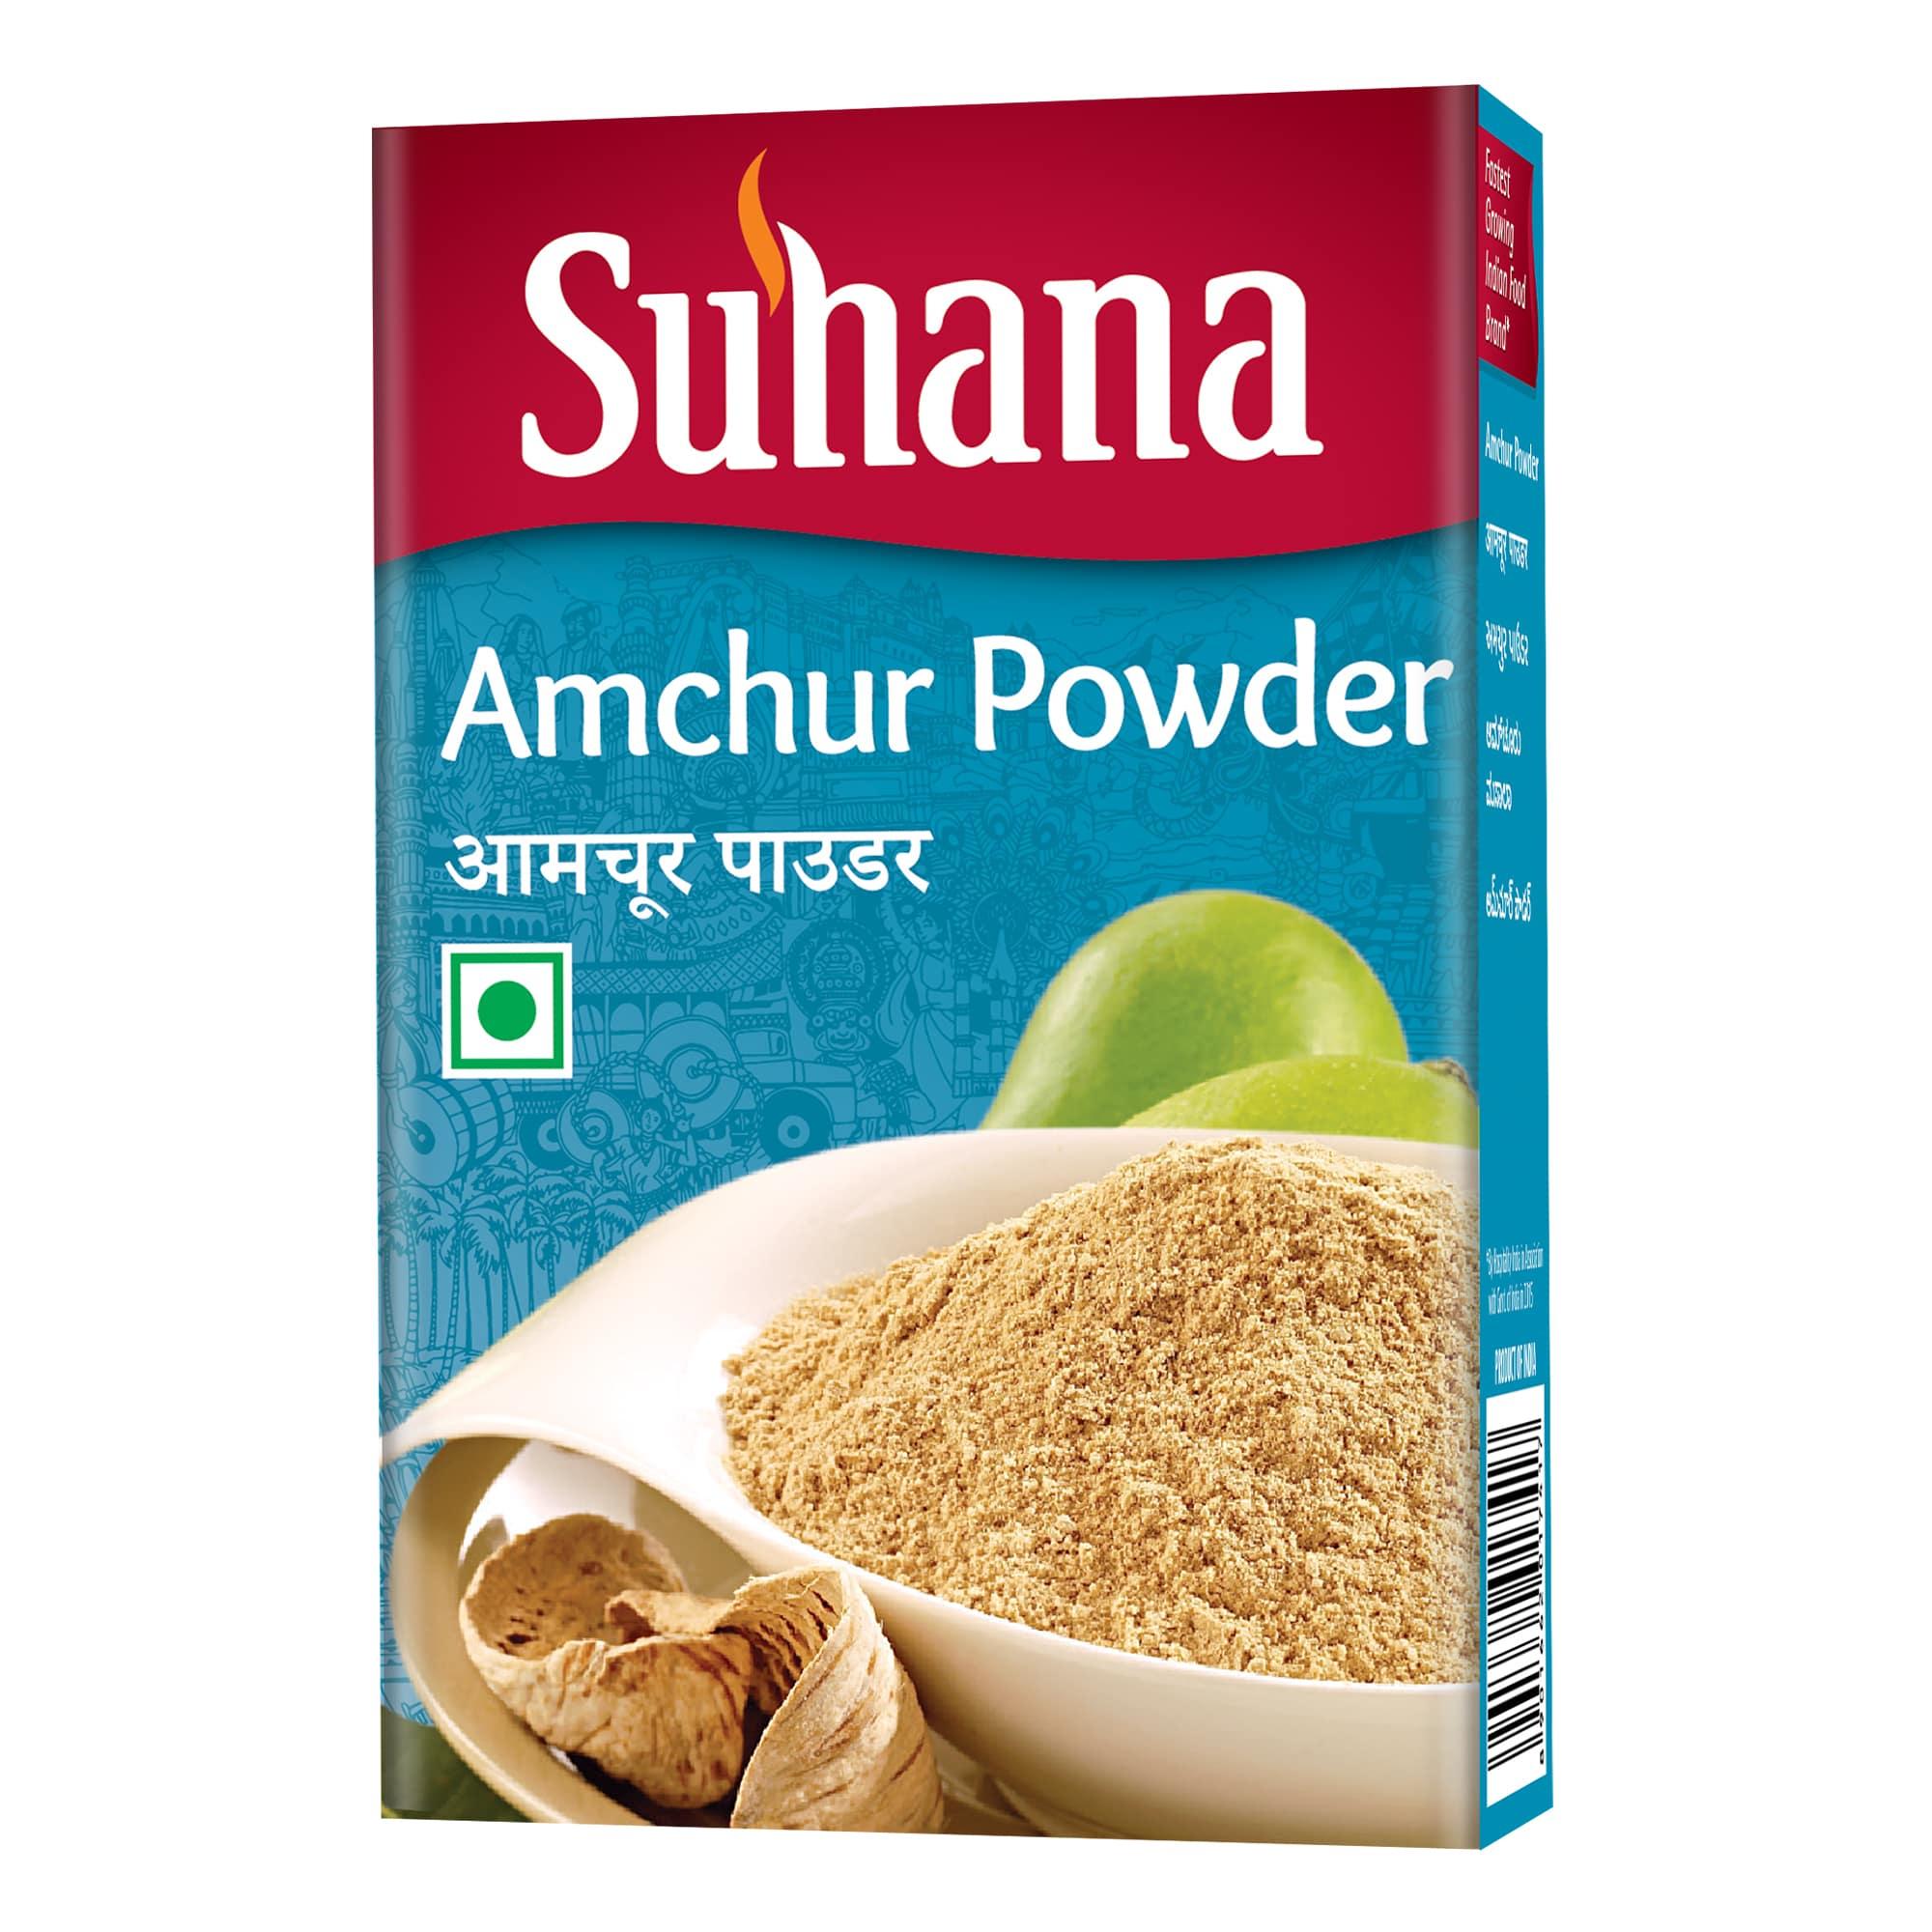 Suhana Amchur Powder 50g Box